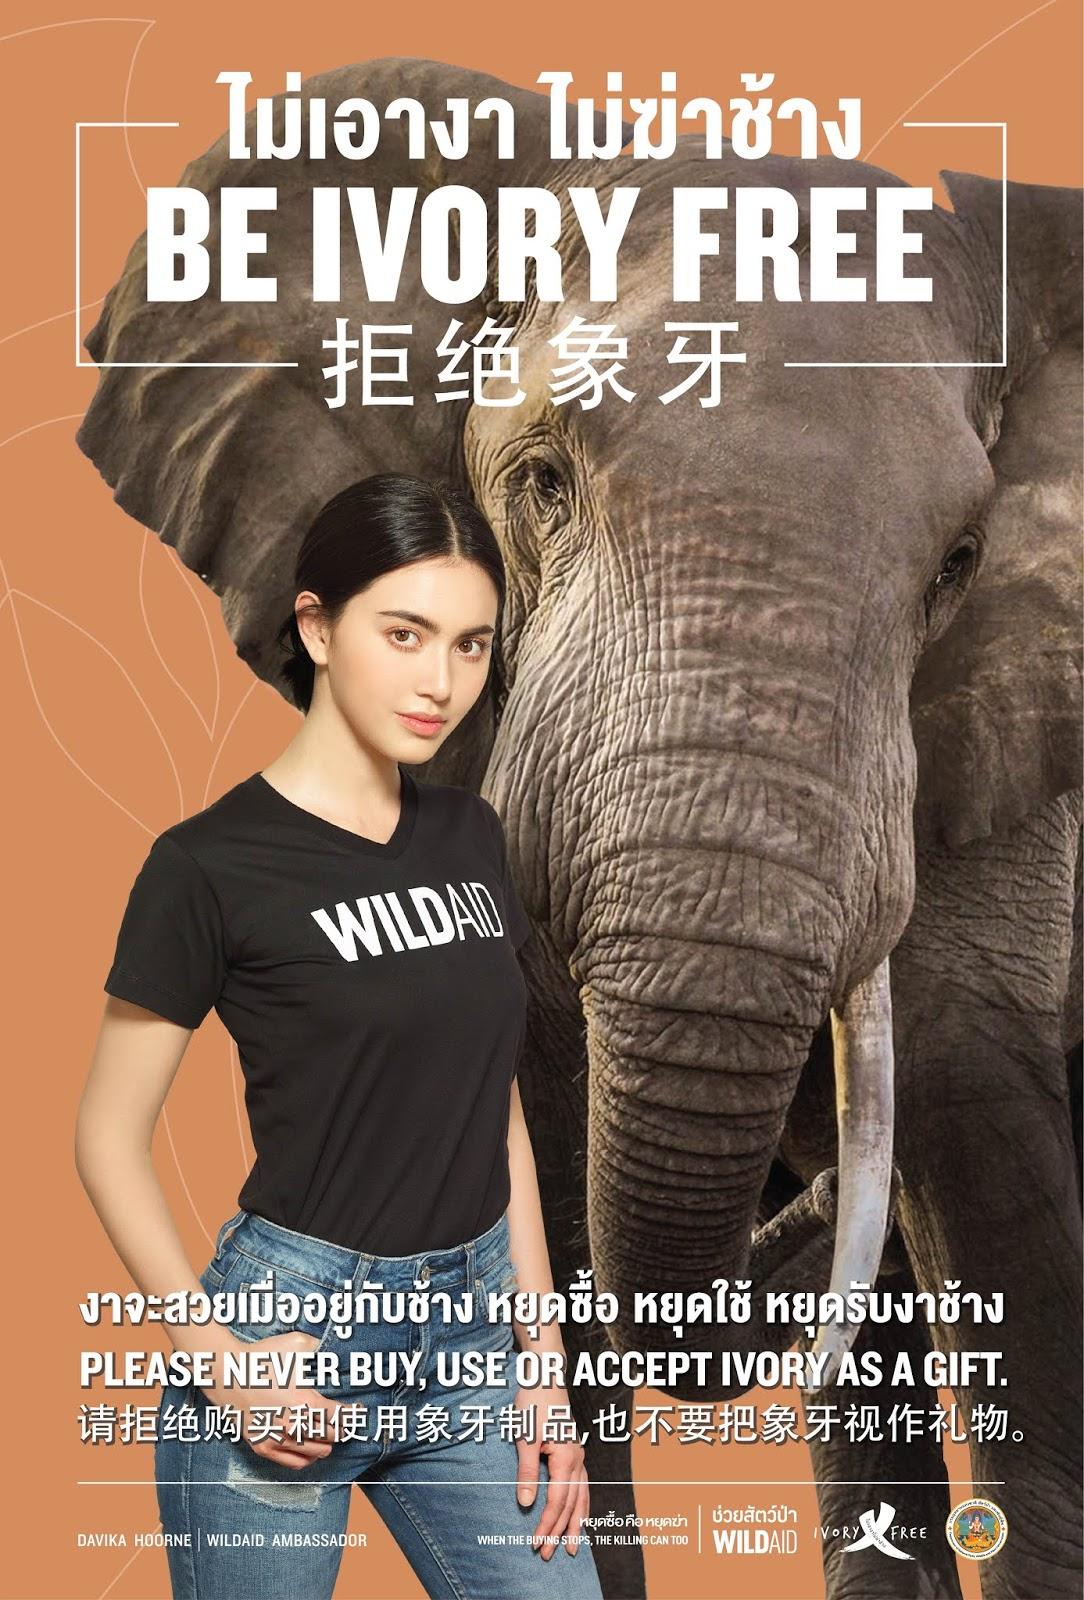 ใหม่ ดาวิกา ร้องเพลงช้าง ชวนคนไทย #ไม่เอางาไม่ฆ่าช้าง กับองค์กรไวล์ดเอด และกรมอุทยานฯ